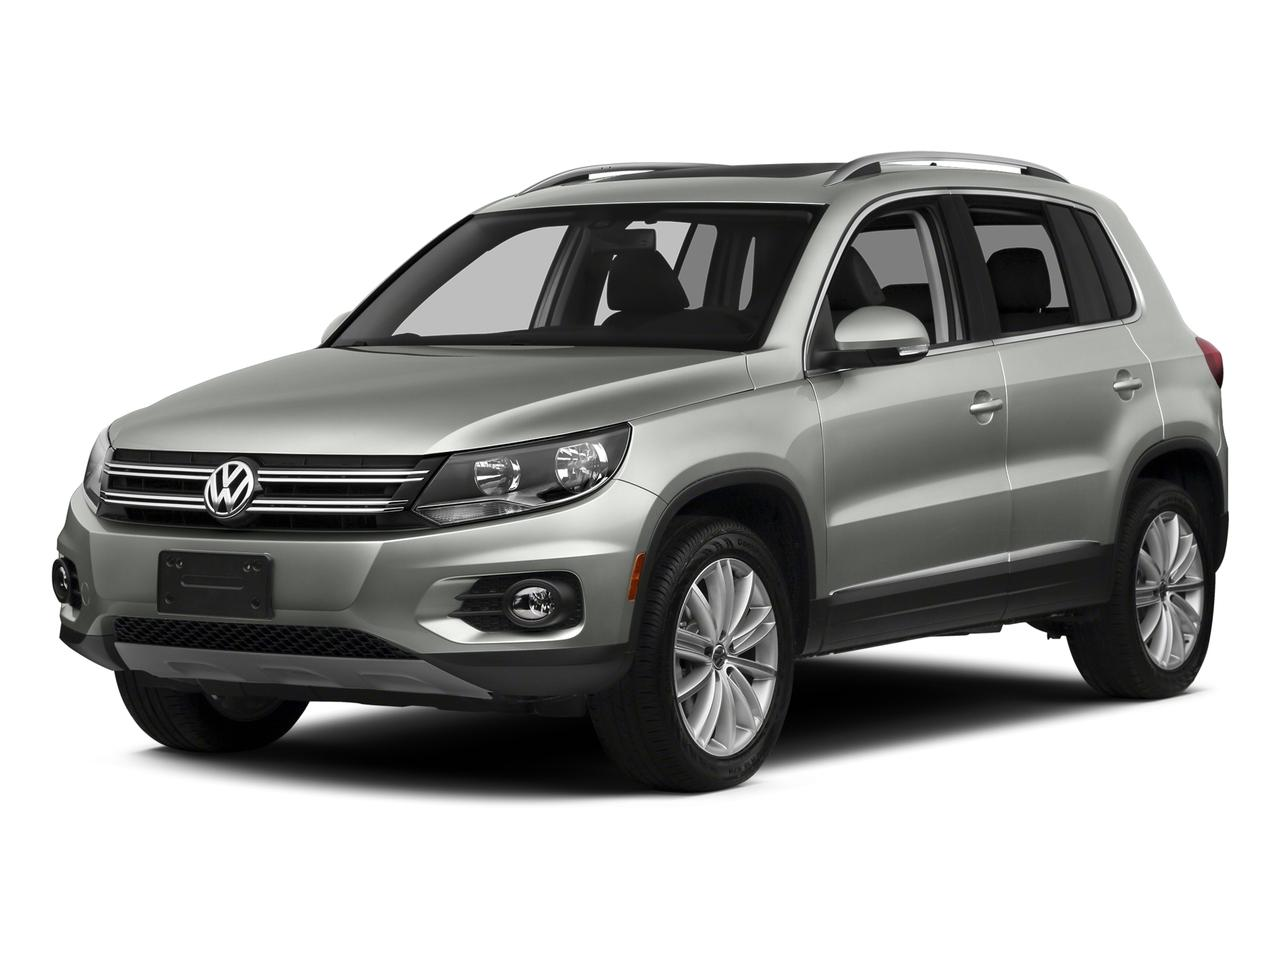 2016 Volkswagen Tiguan Vehicle Photo in Pleasanton, CA 94588